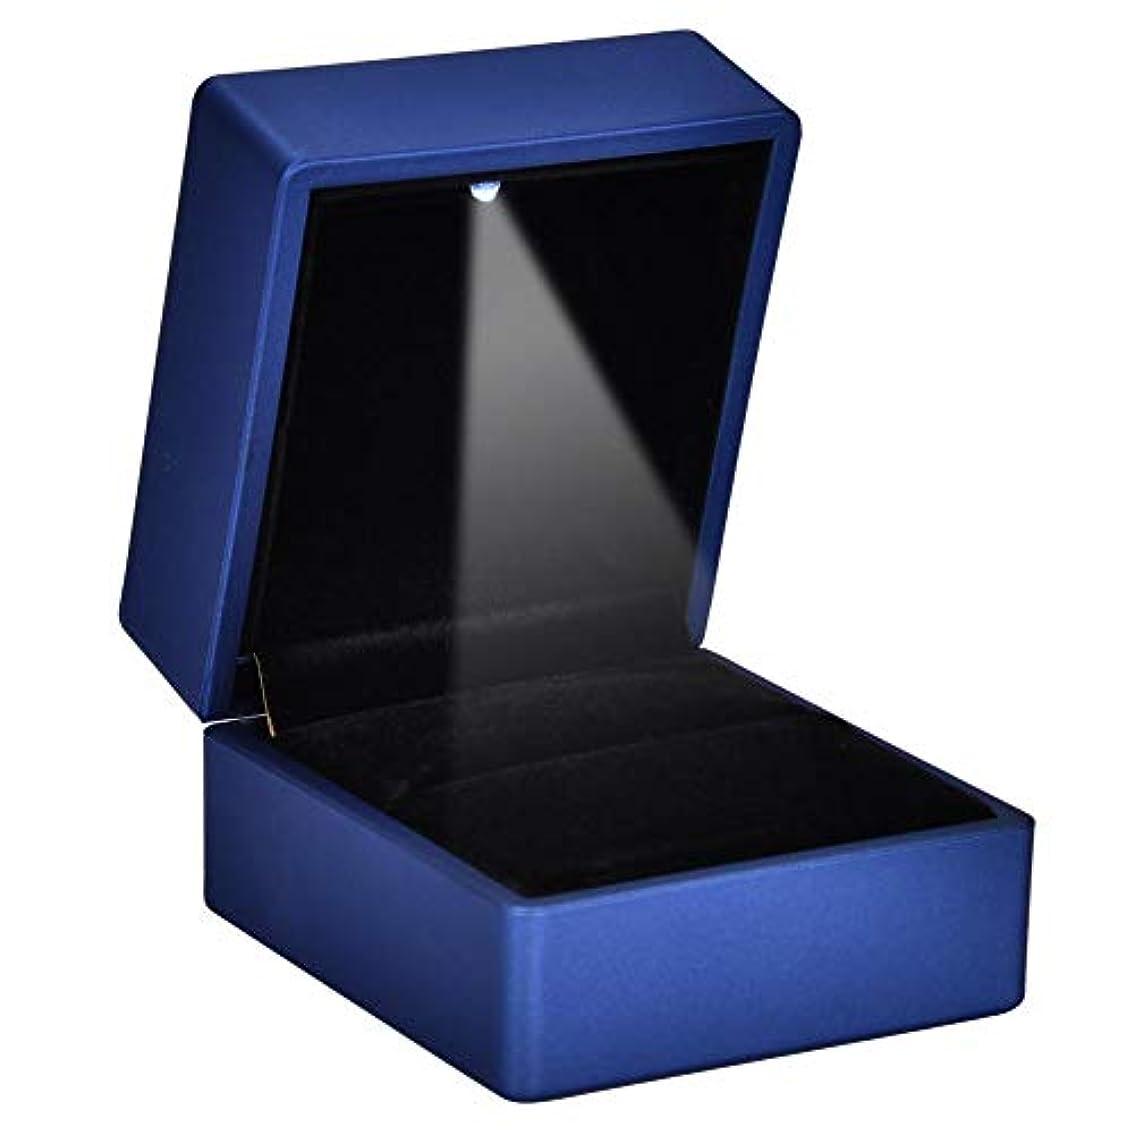 説教する代わりにを立てるシリーズ2種類ファッショナブルなLEDリングボックス - 内部LED照明付きリングケース、ジュエリーホルダーリング収納ケース、結婚式の提案(ブルー-90 * 70 * 35)